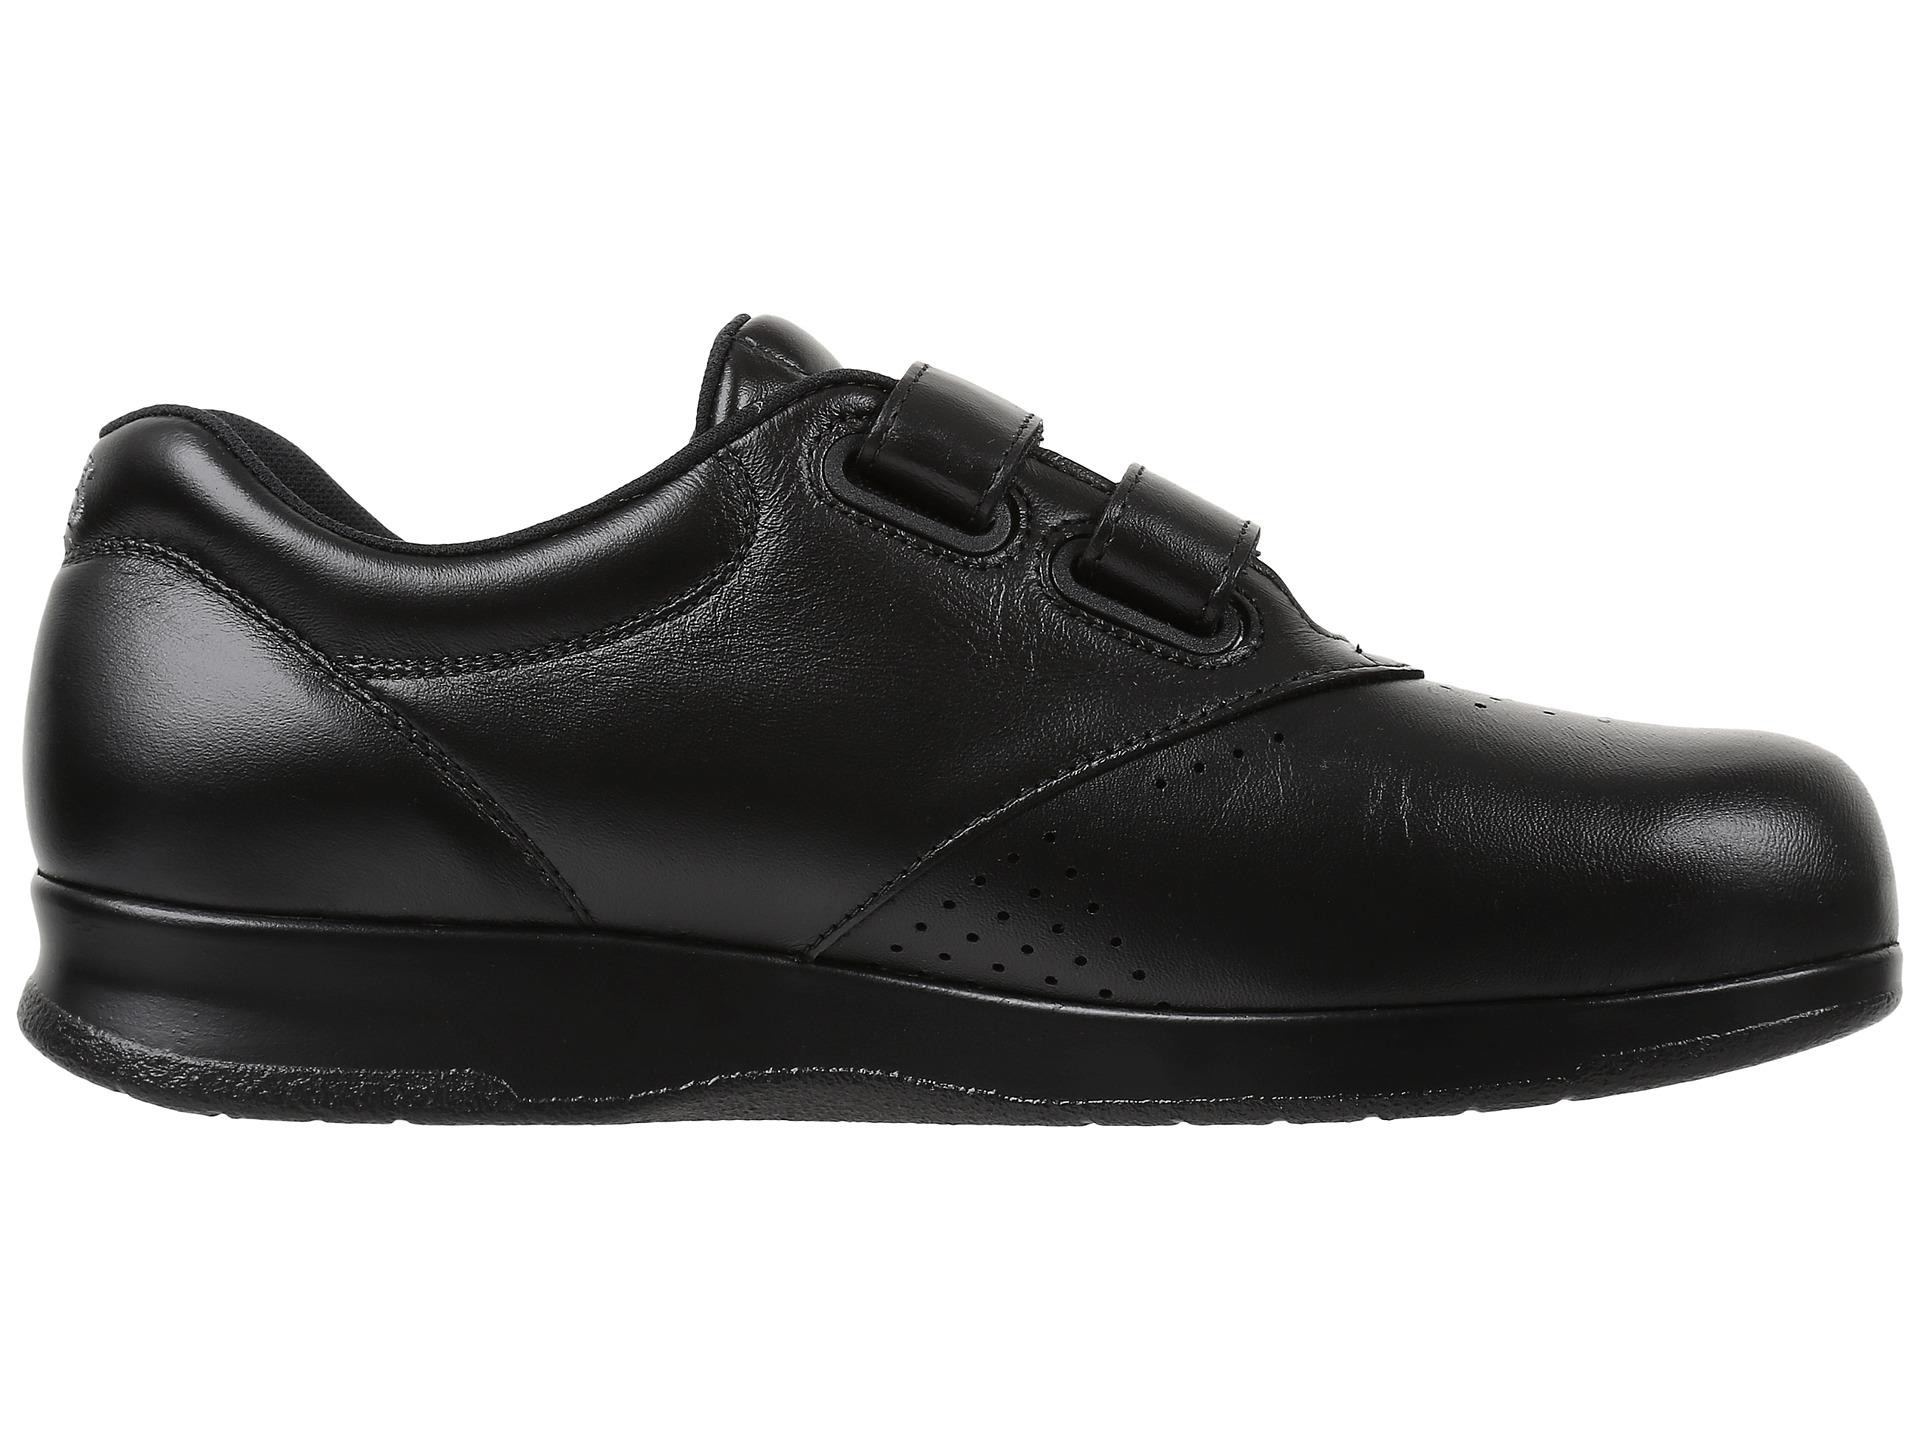 Sas Shoes Me Too Black